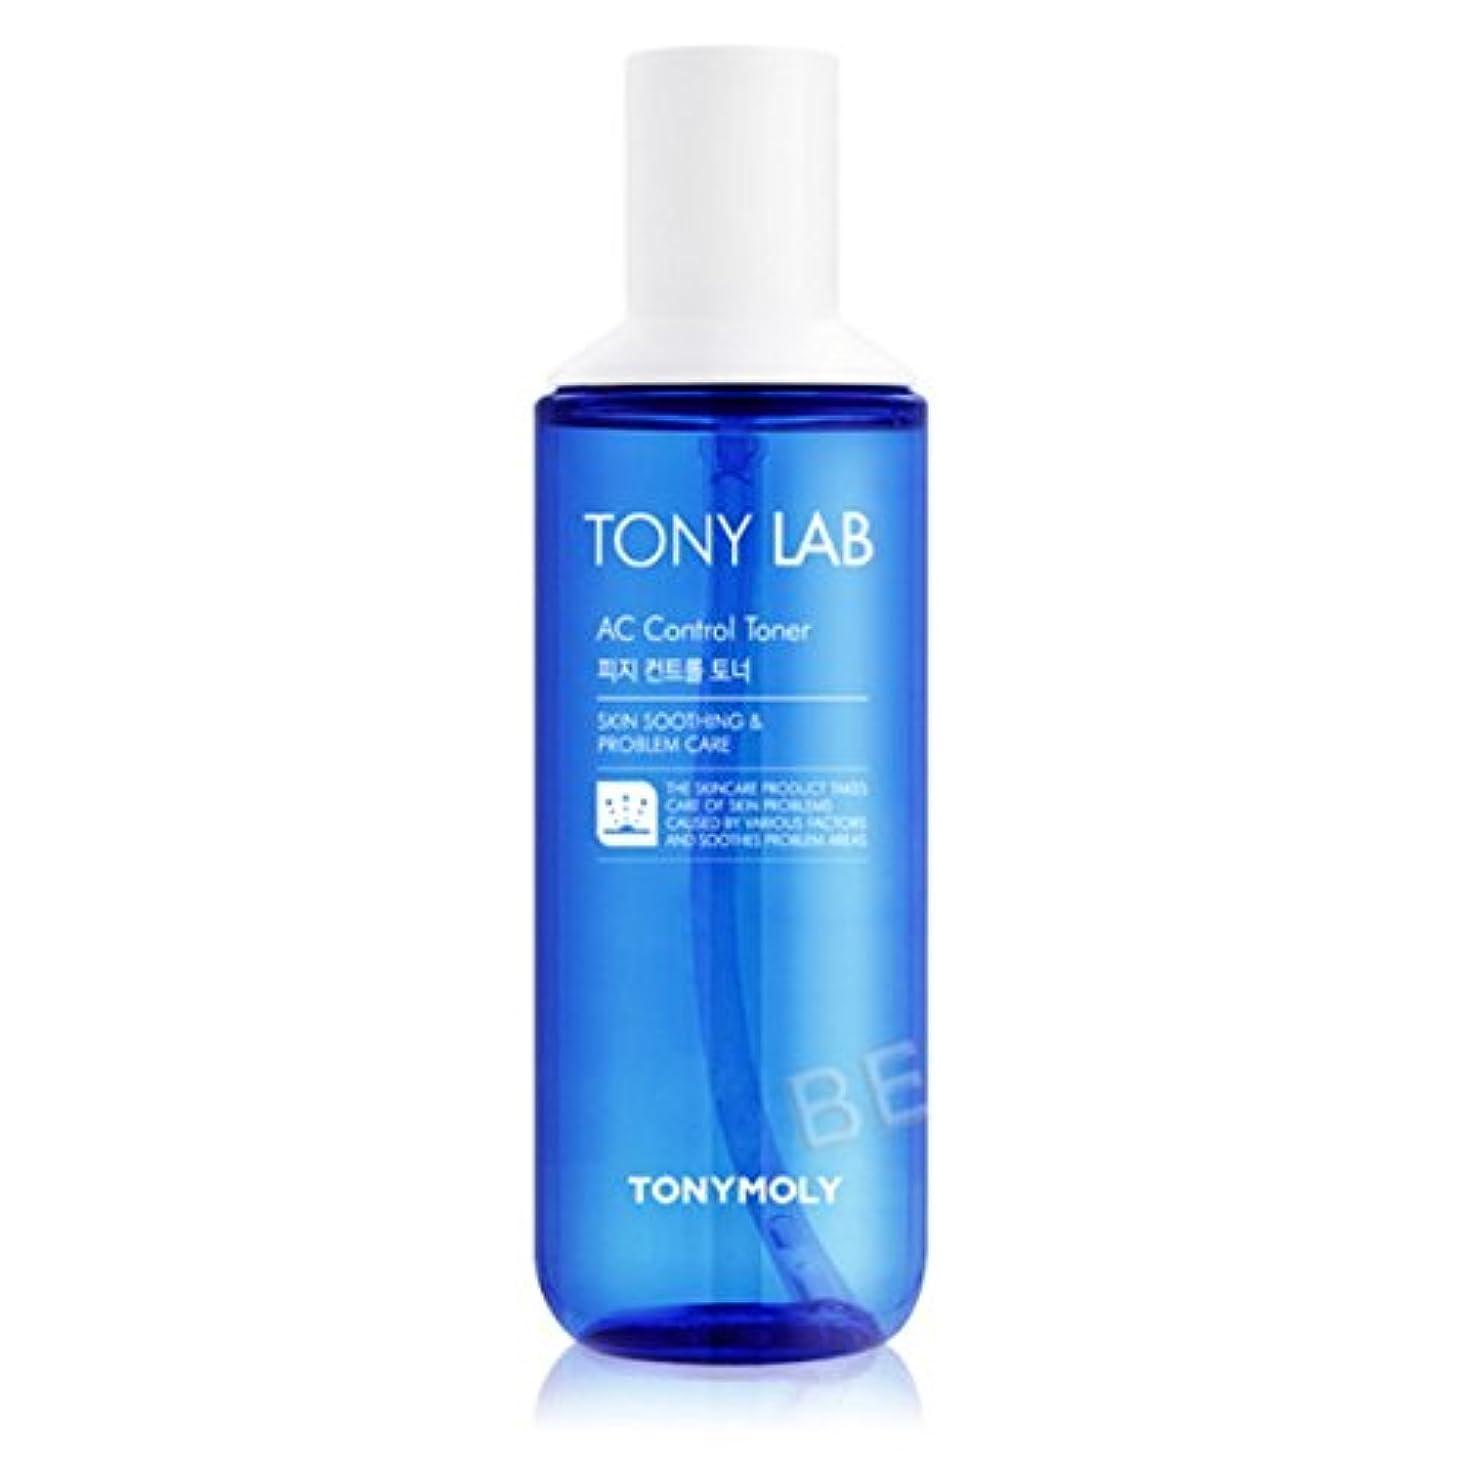 意図的飲食店プロジェクター(3 Pack) TONYMOLY Tony Lab AC Control Toner (並行輸入品)